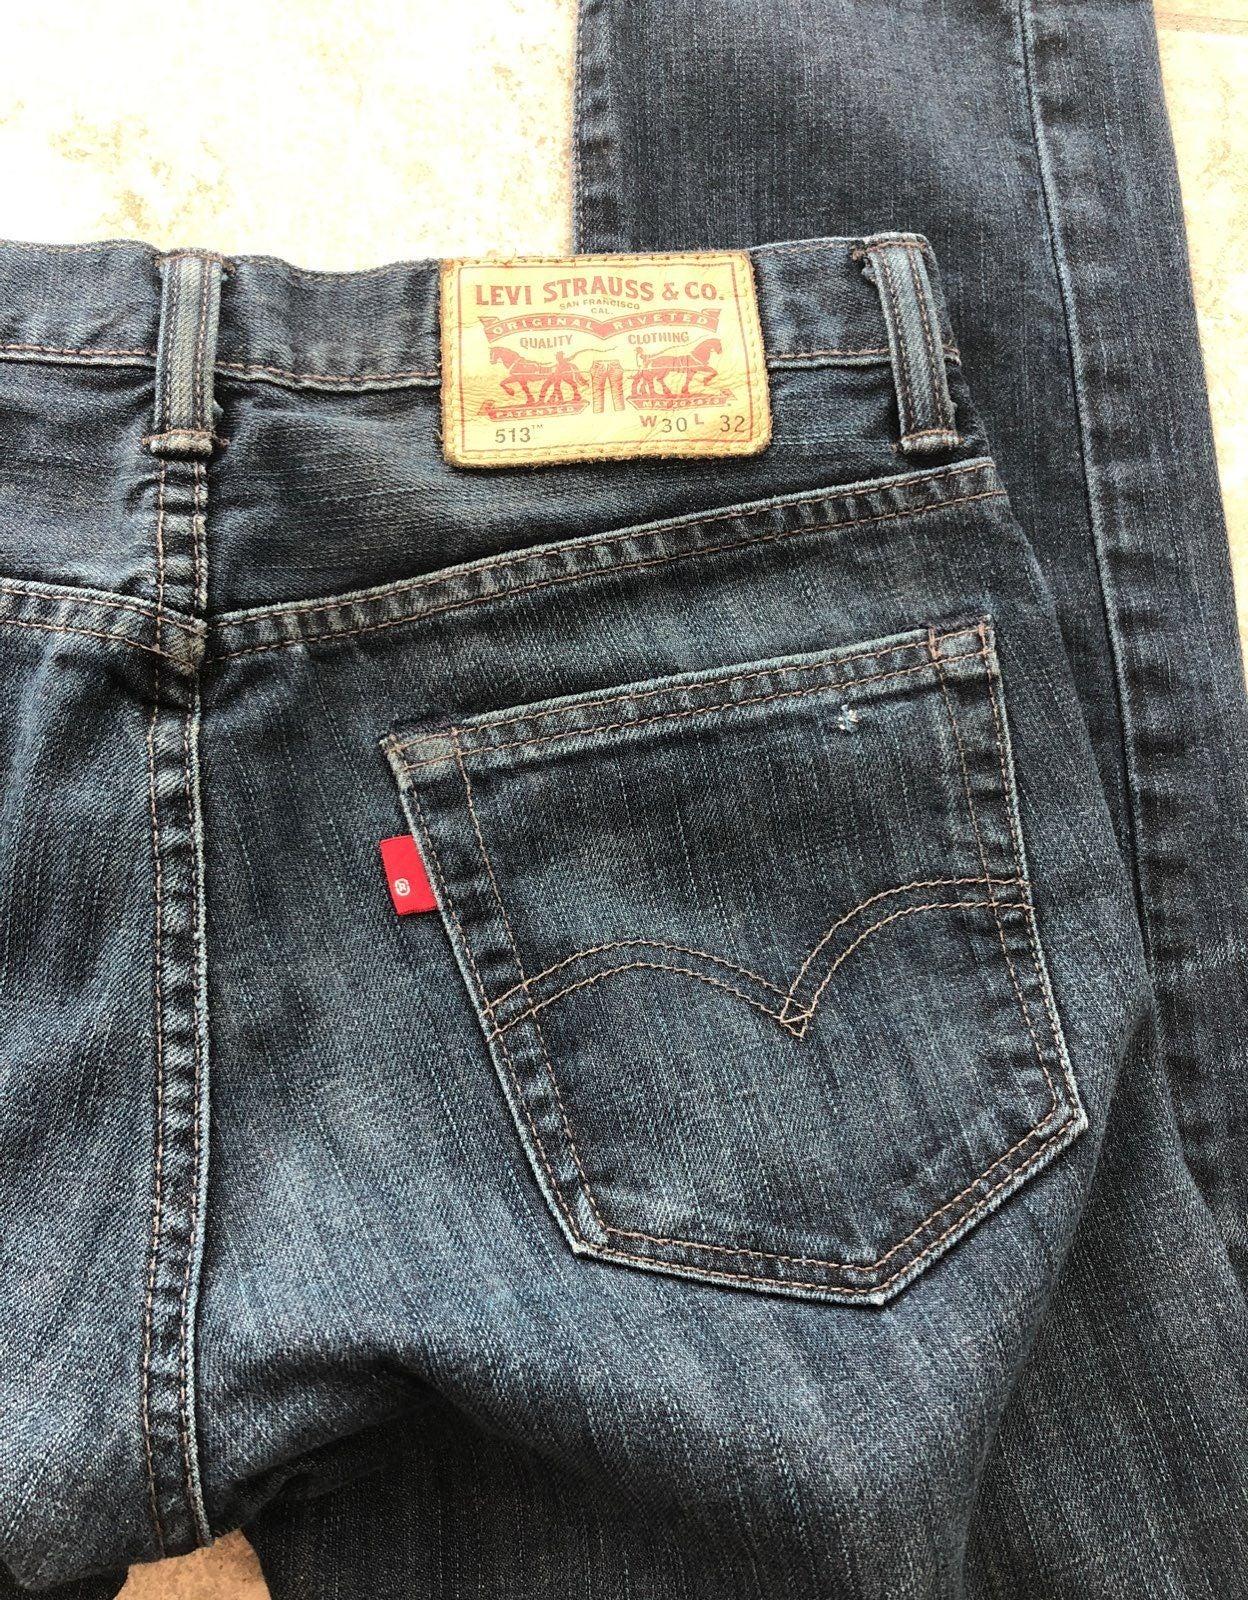 levis jeans 513